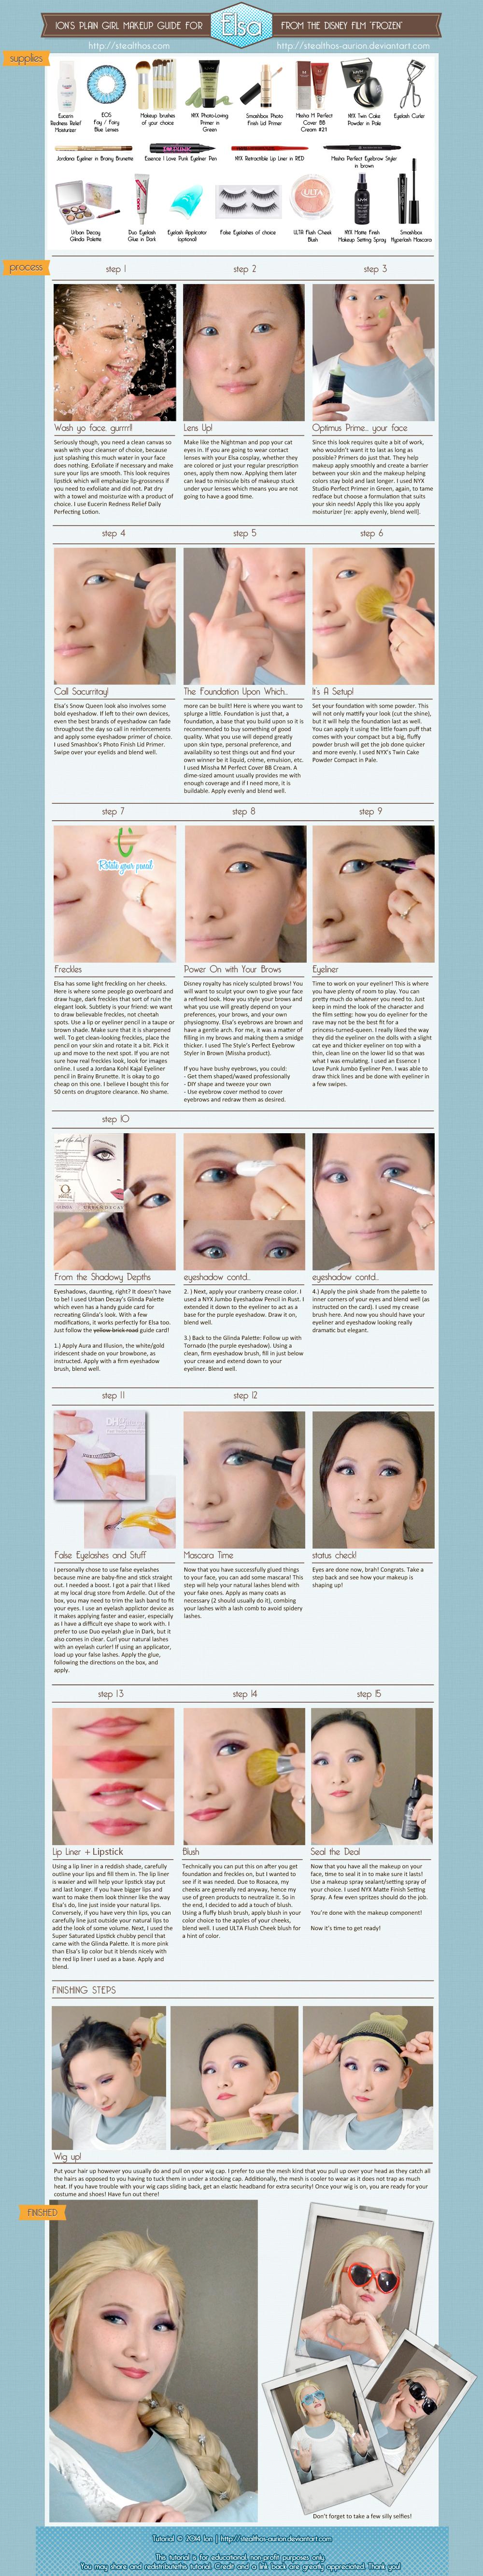 Frozen: Elsa Makeup Tutorial - plain girl's guide by Stealthos-Aurion